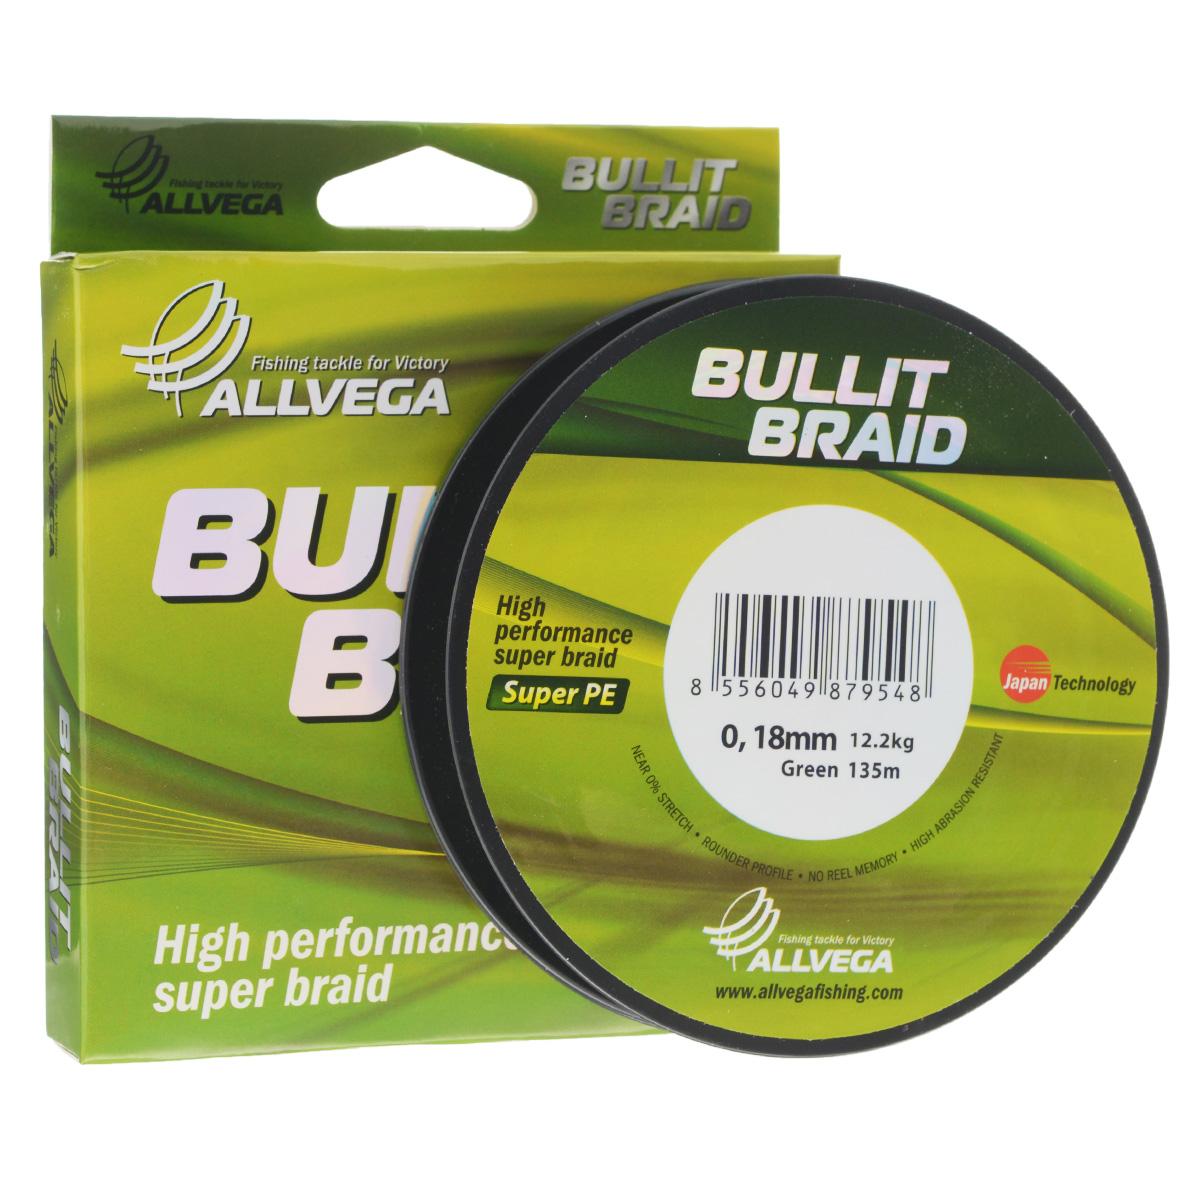 Леска плетеная Allvega Bullit Braid, цвет: темно-зеленый, 135 м, 0,18 мм, 12,2 кг03/1/12Леска Allvega Bullit Braid с гладкой поверхностью и одинаковым сечением по всей длине обладает высокой износостойкостью. Благодаря микроволокнам полиэтилена (Super PE) леска имеет очень плотное плетение и не впитывает воду. Леску Allvega Bullit Braid можно применять в любых типах водоемов. Особенности:повышенная износостойкость;высокая чувствительность - коэффициент растяжения близок к нулю;отсутствует память; идеально гладкая поверхность позволяет увеличить дальность забросов; высокая прочность шнура на узлах.